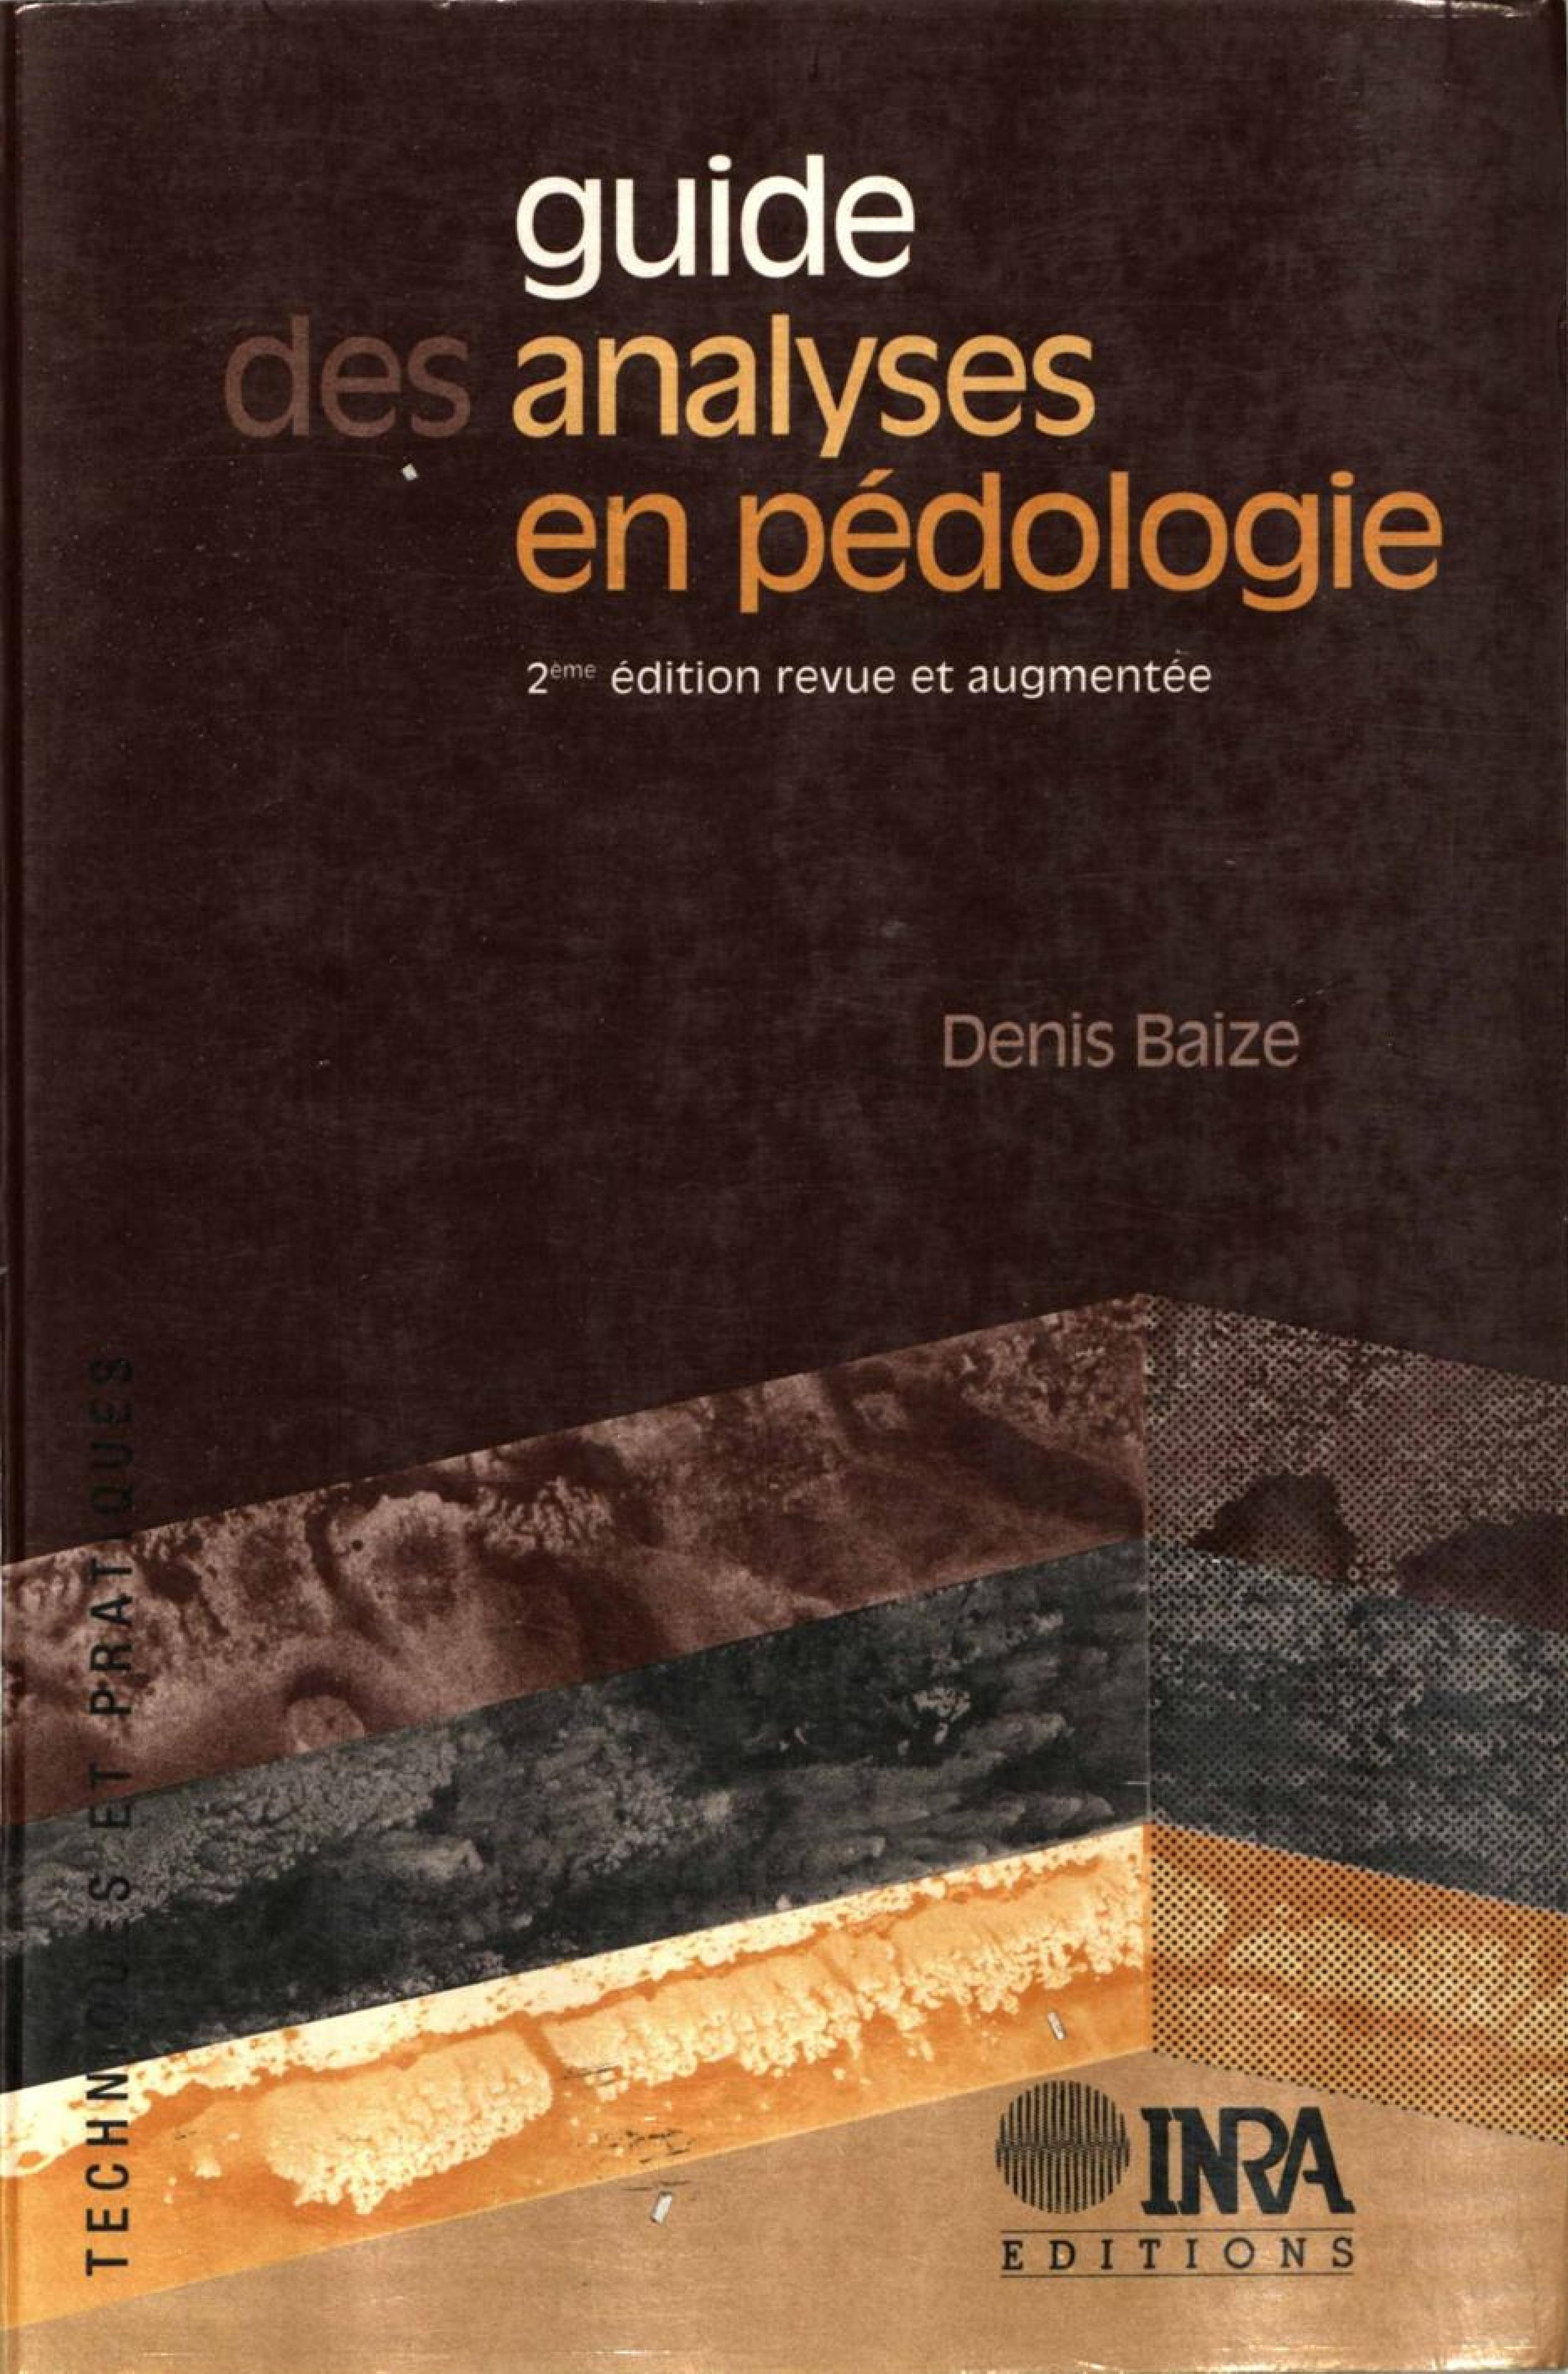 Guide des analyses en pédologie (2e édition)